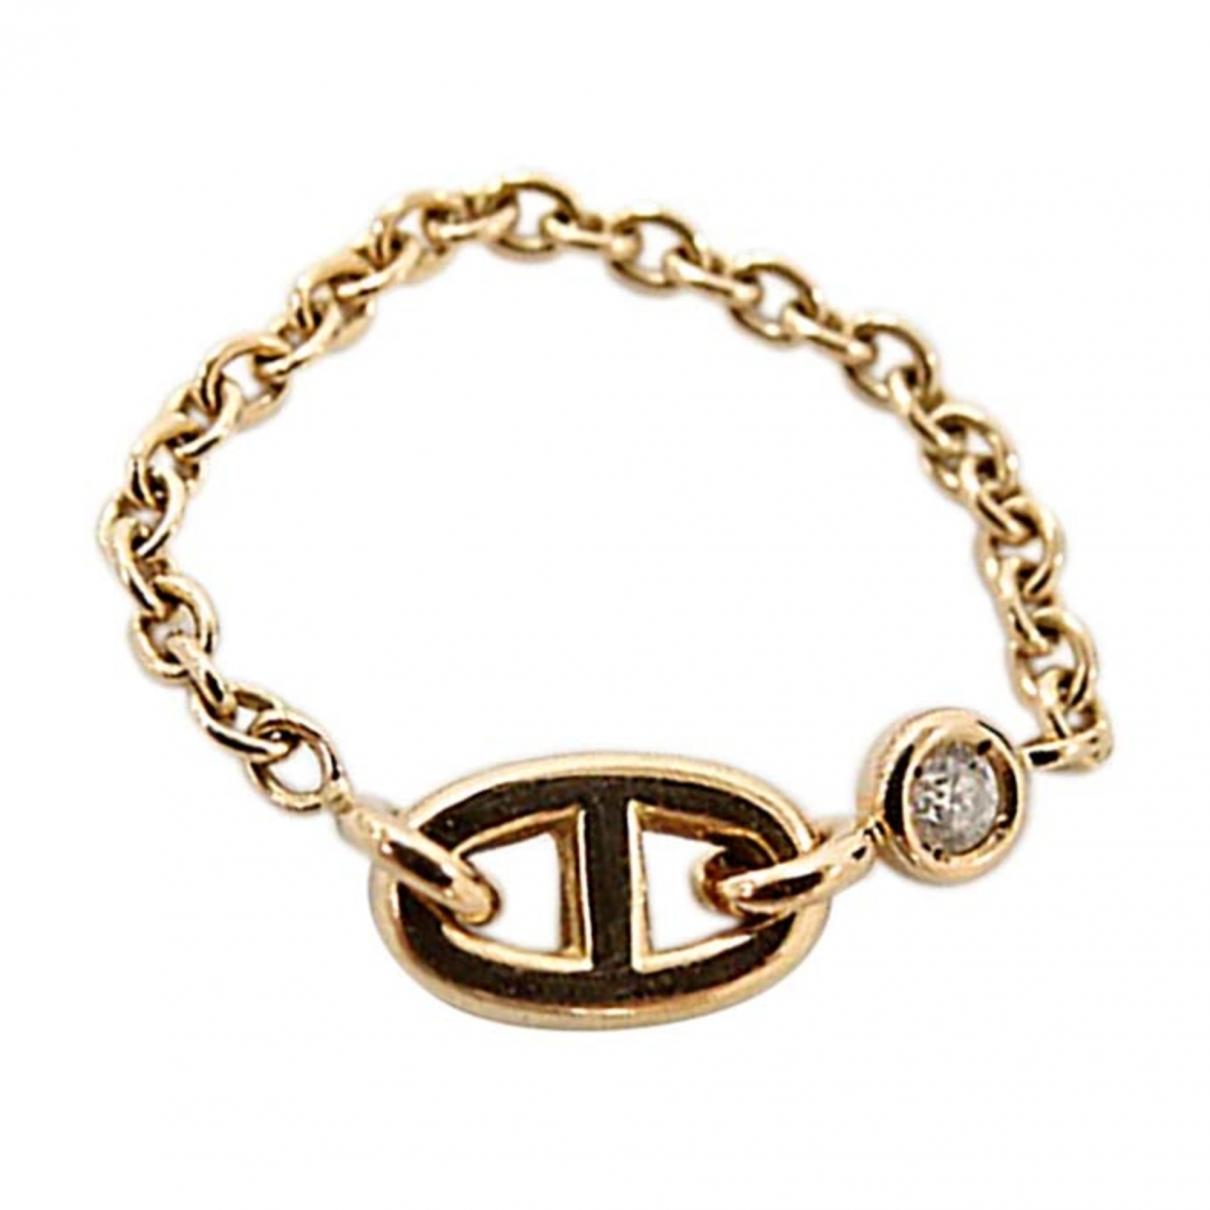 Hermes - Bague Chaine dAncre pour femme en or jaune - dore